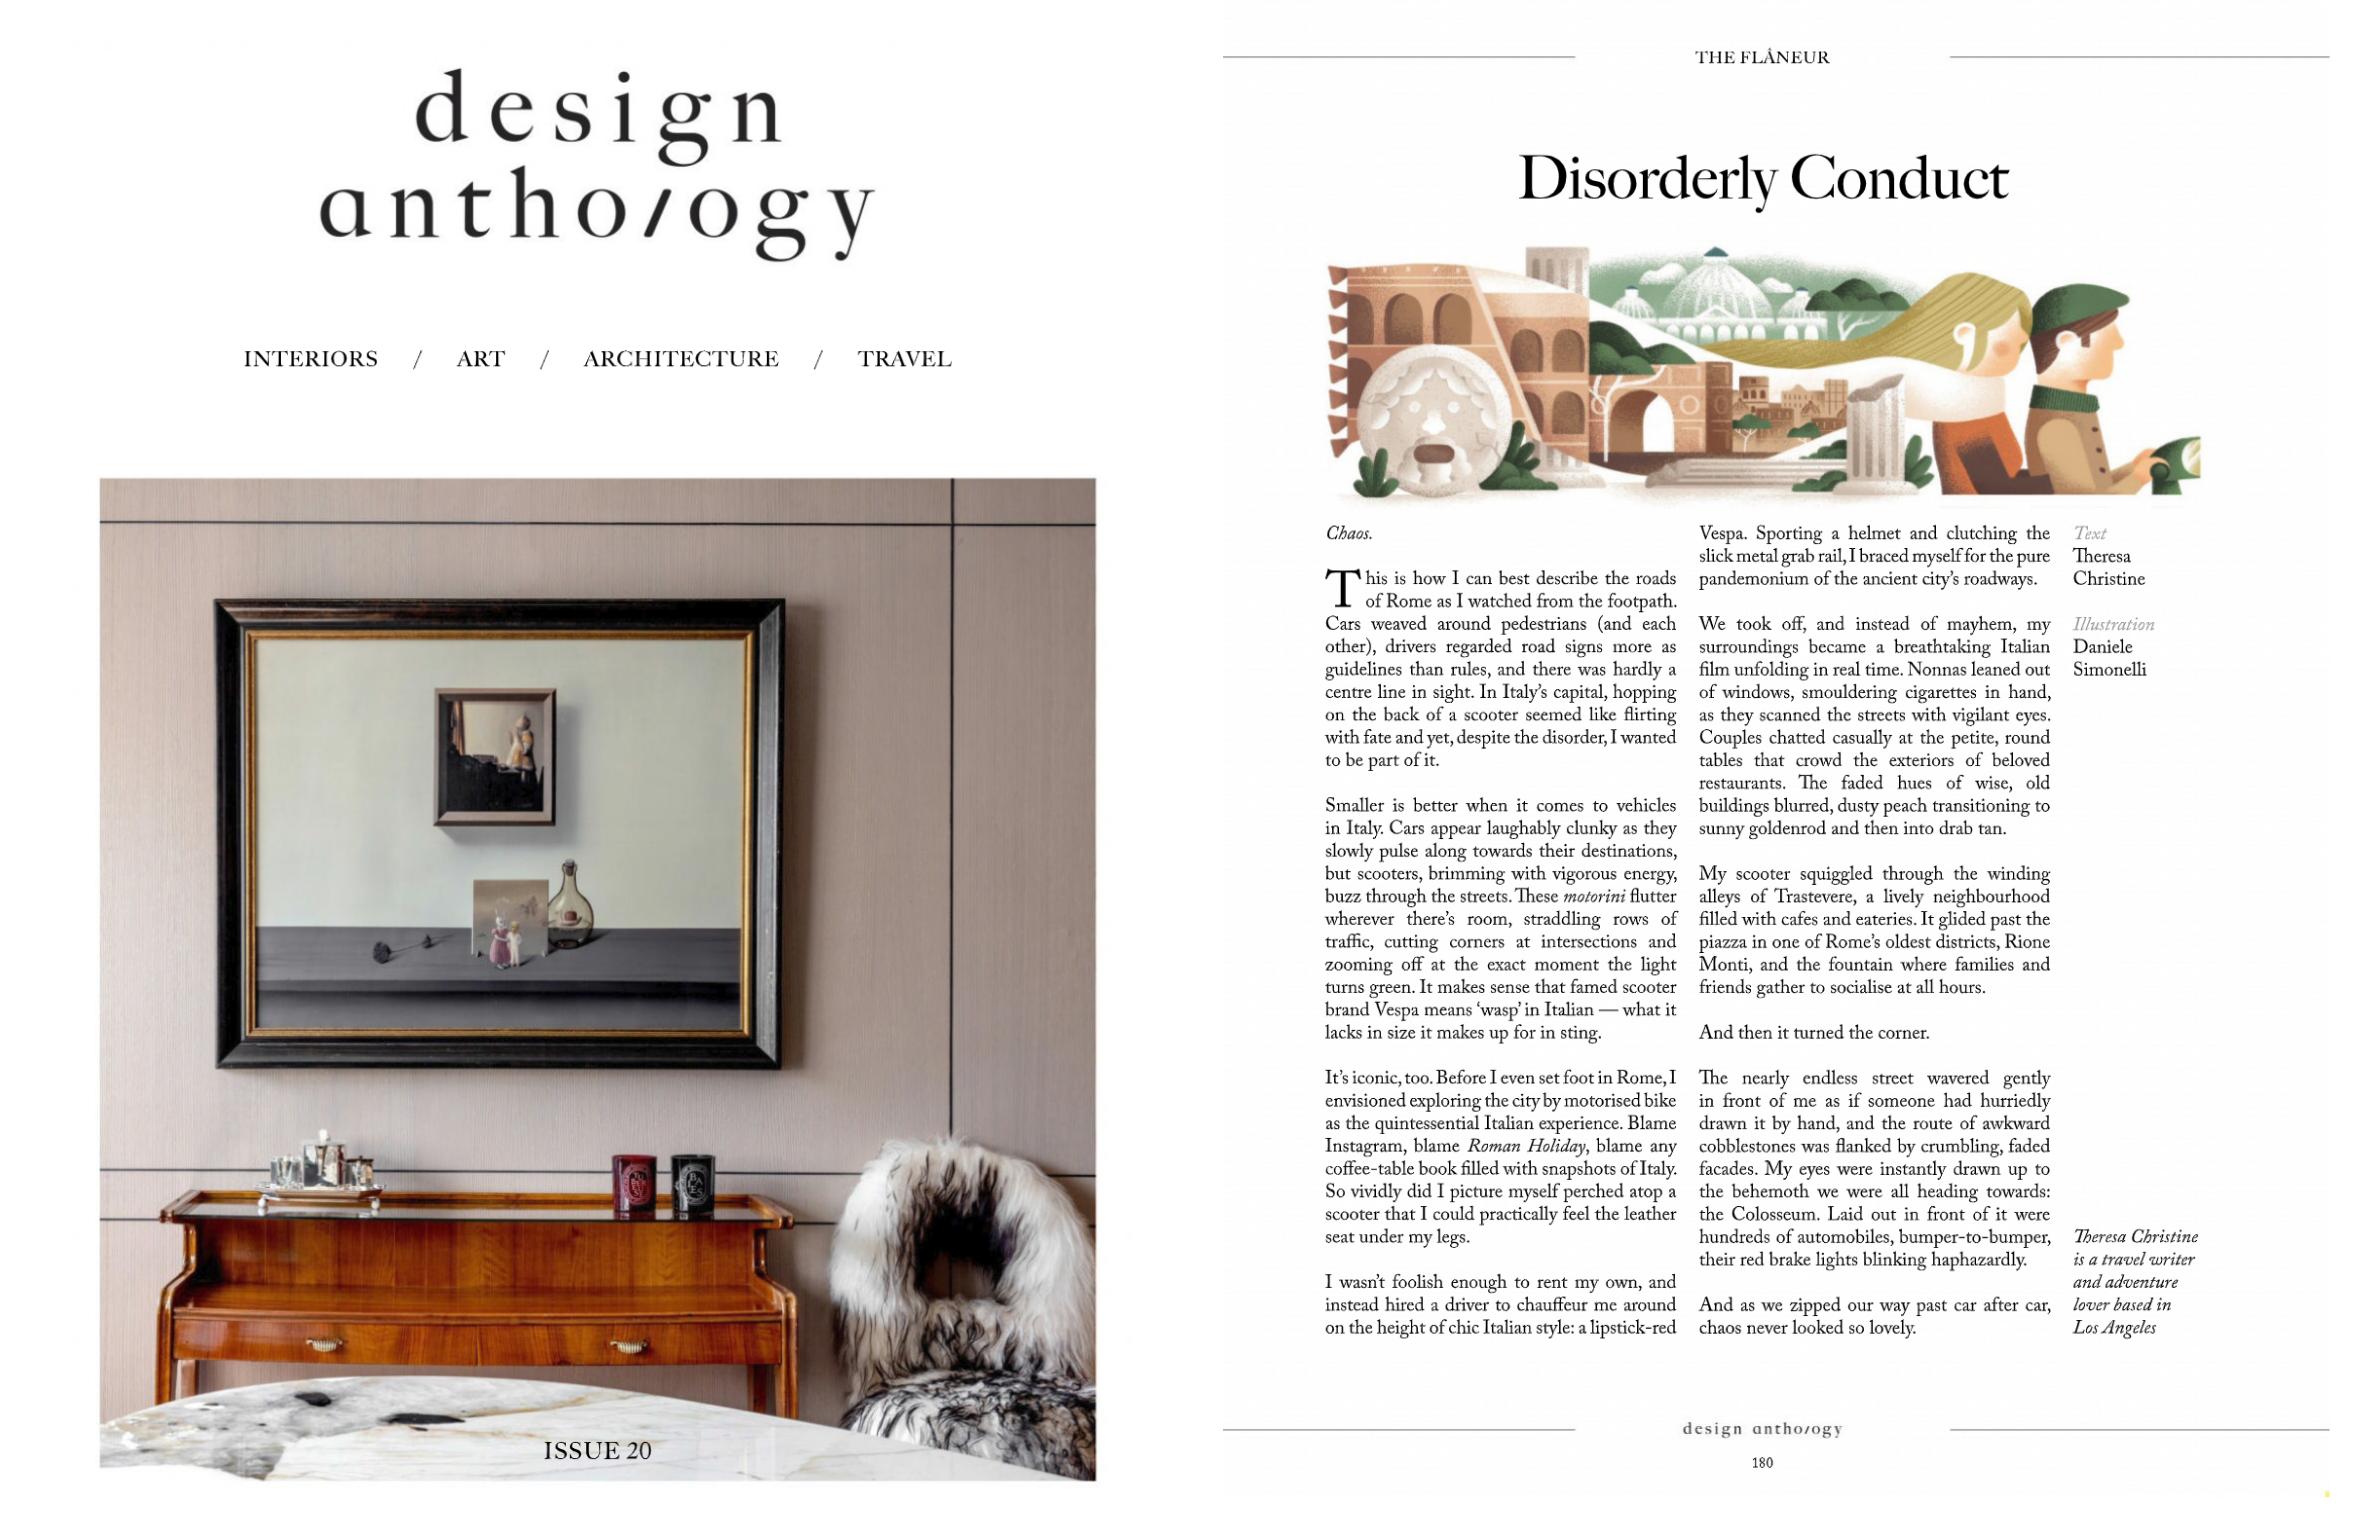 theresa christine design anthology italy freelance travel writer.png